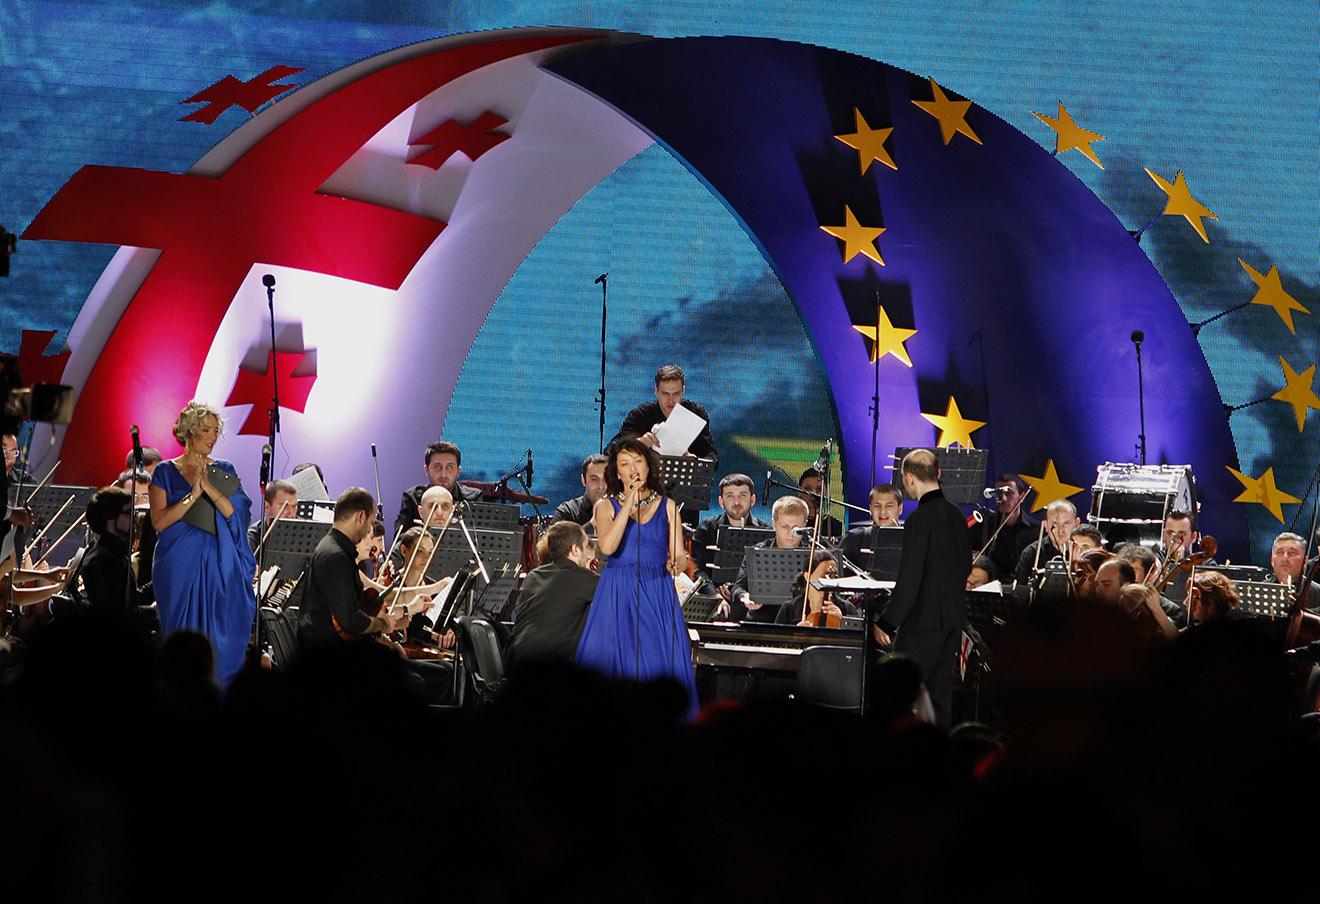 Концерт по случаю подписания соглашения об ассоциации с ЕС в Тбилиси, 2014 год.